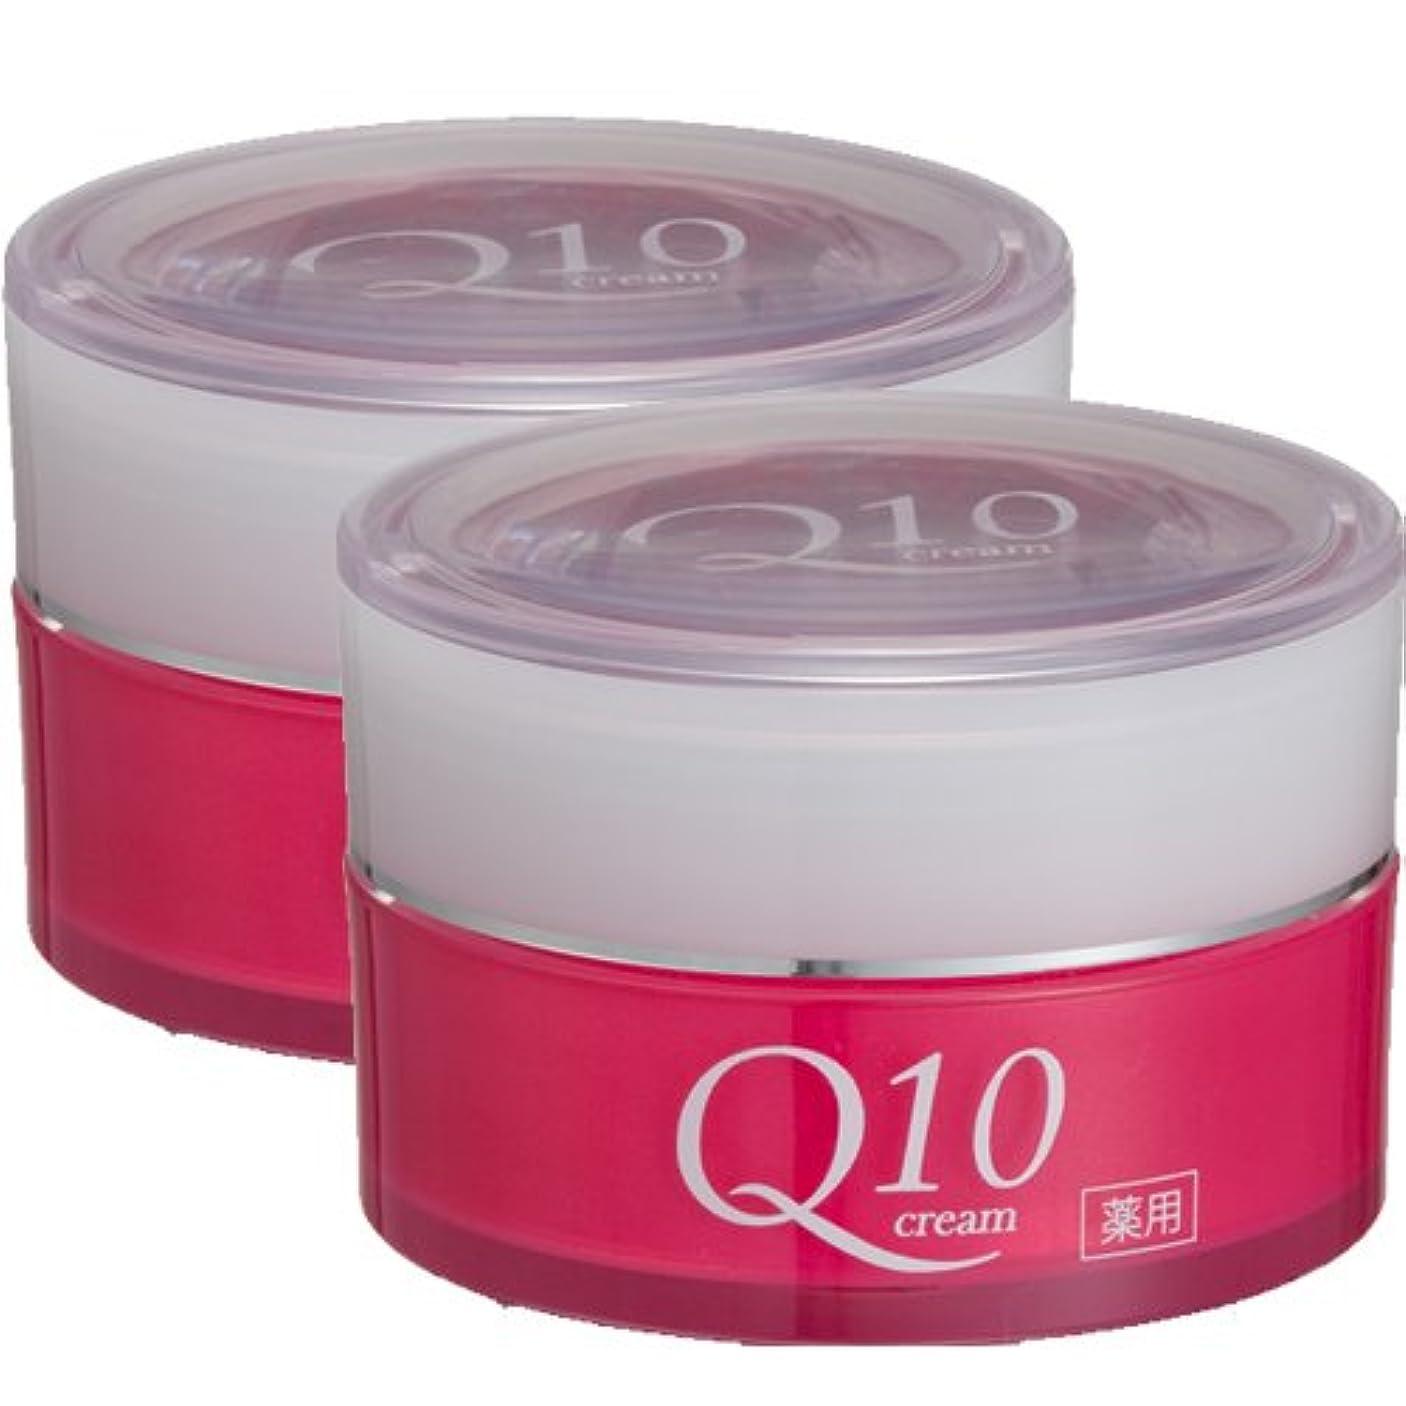 発行する純正ミケランジェロ薬用ウレッシュクリーム 2個セット 30g × 2個